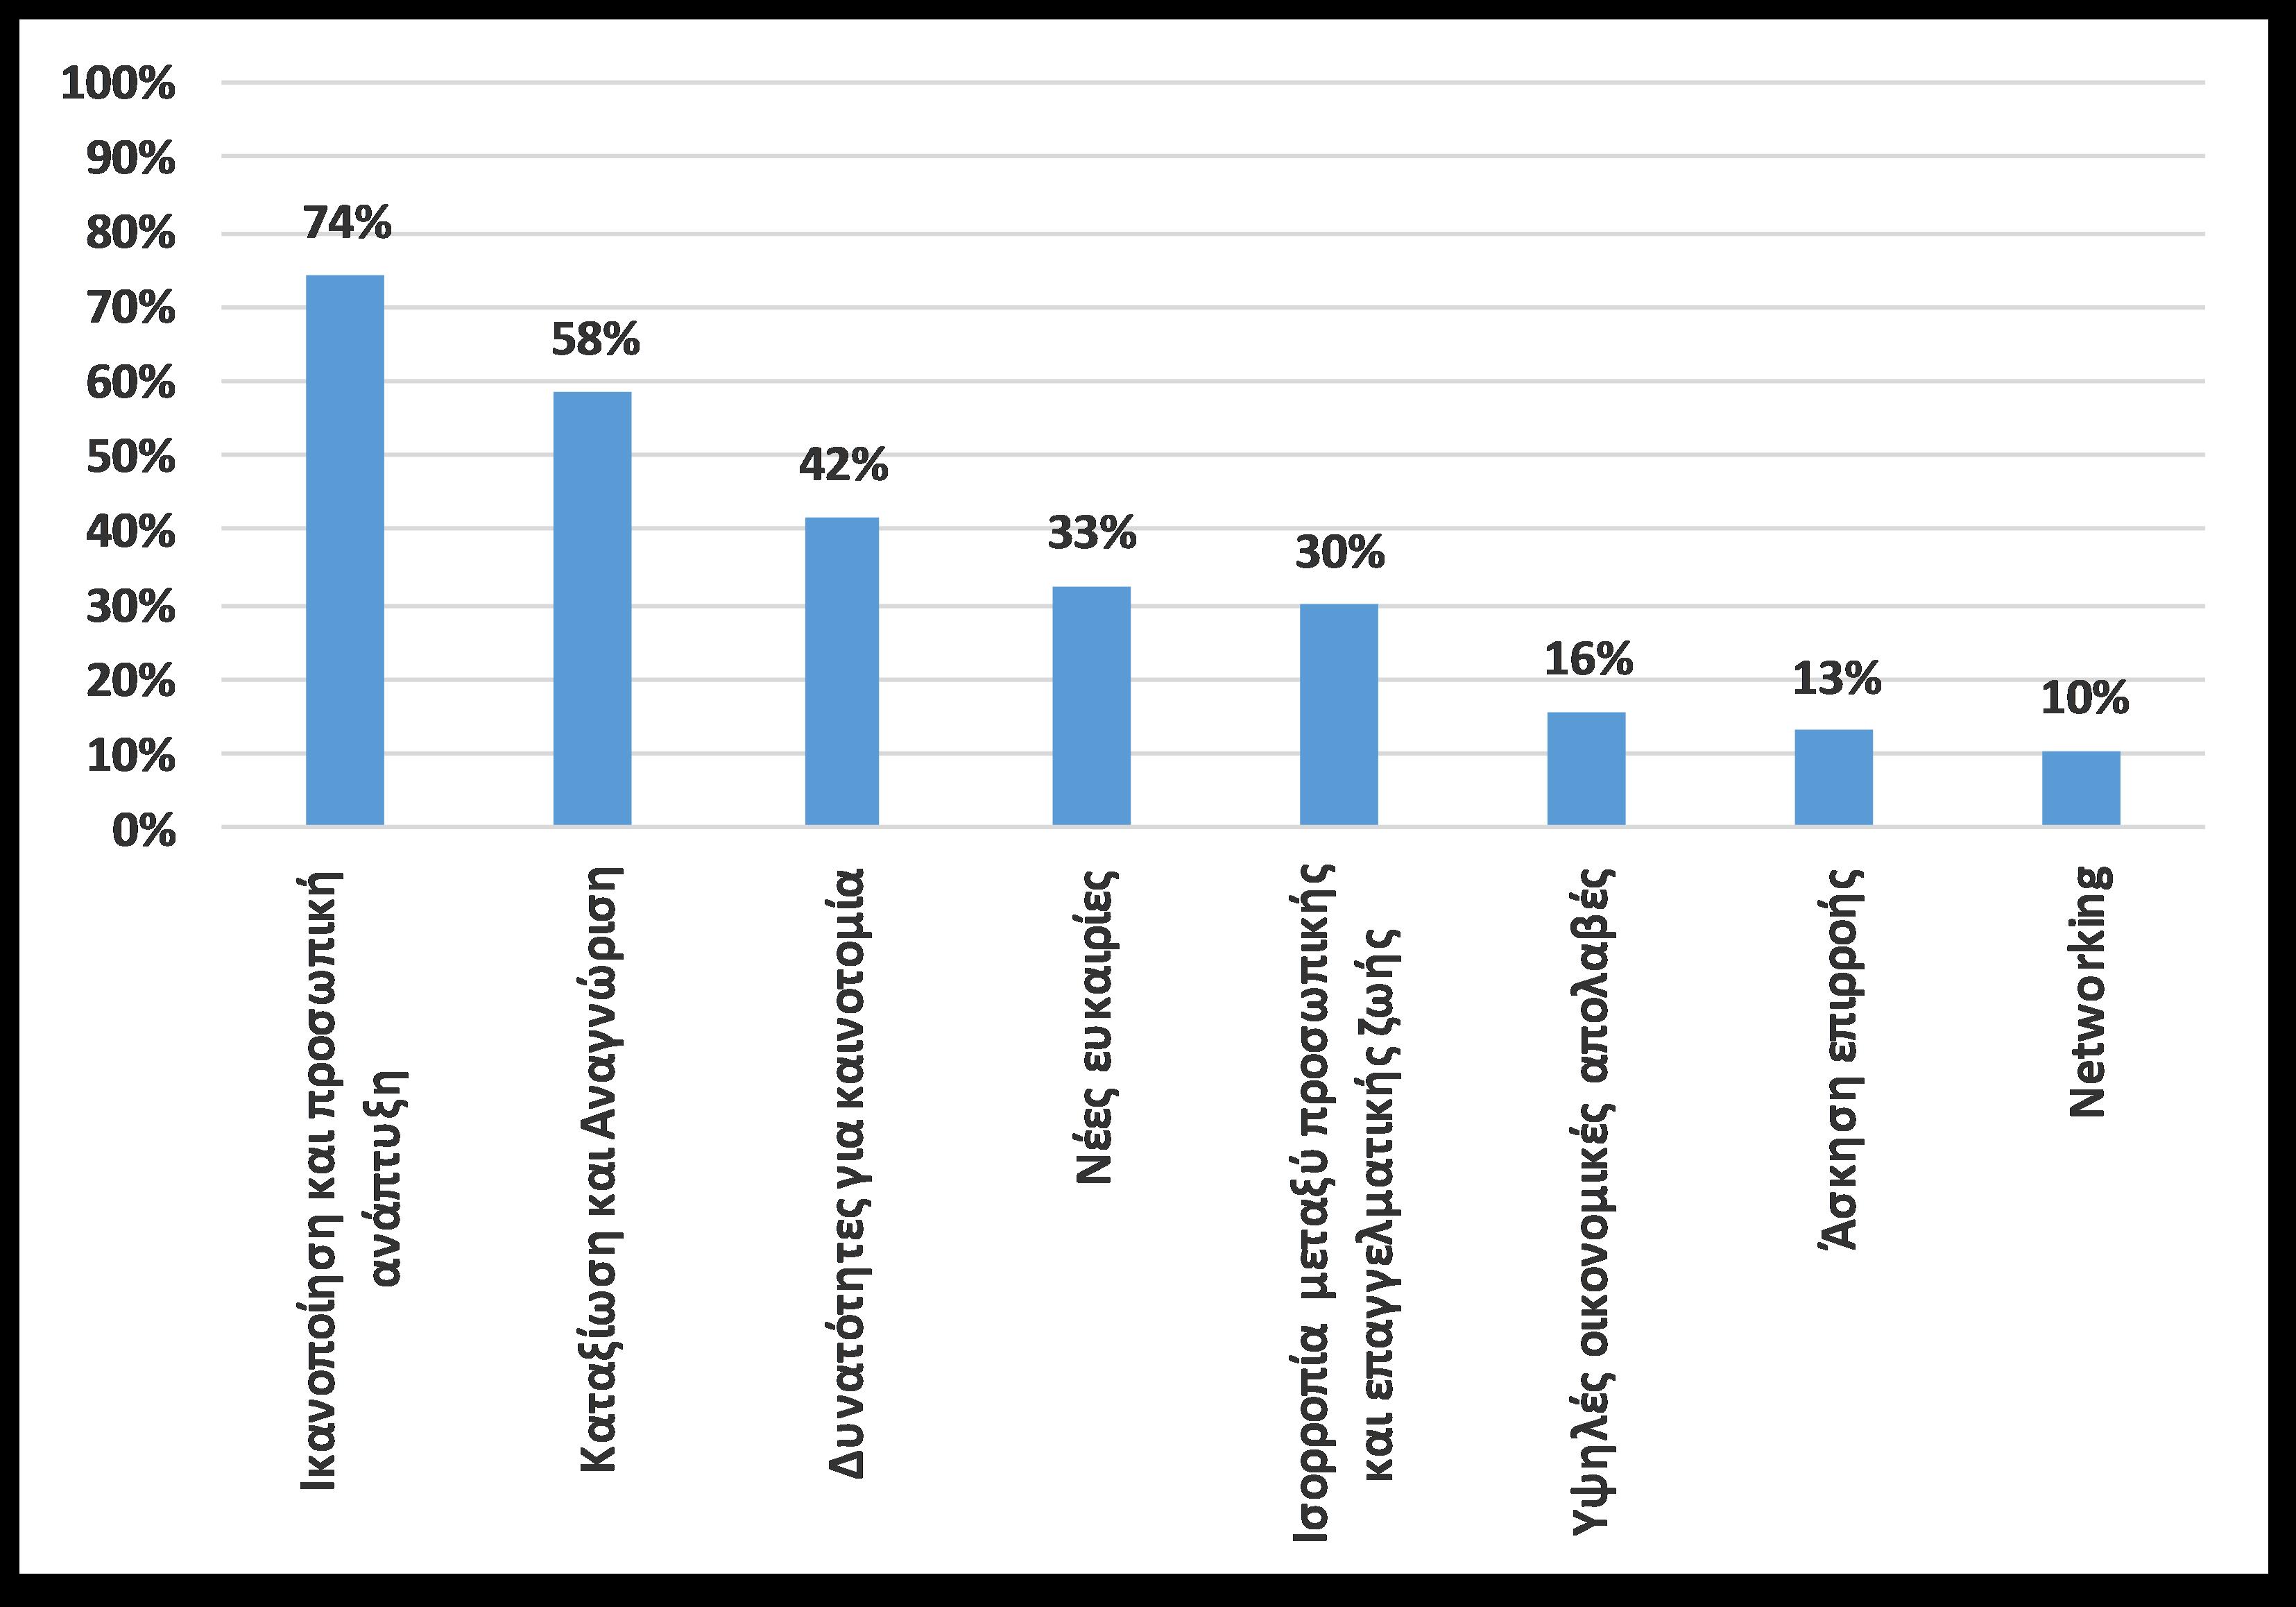 Έρευνα ICAP: Αυξήθηκε η Γυναικεία Επιχειρηματικότητα το 2016